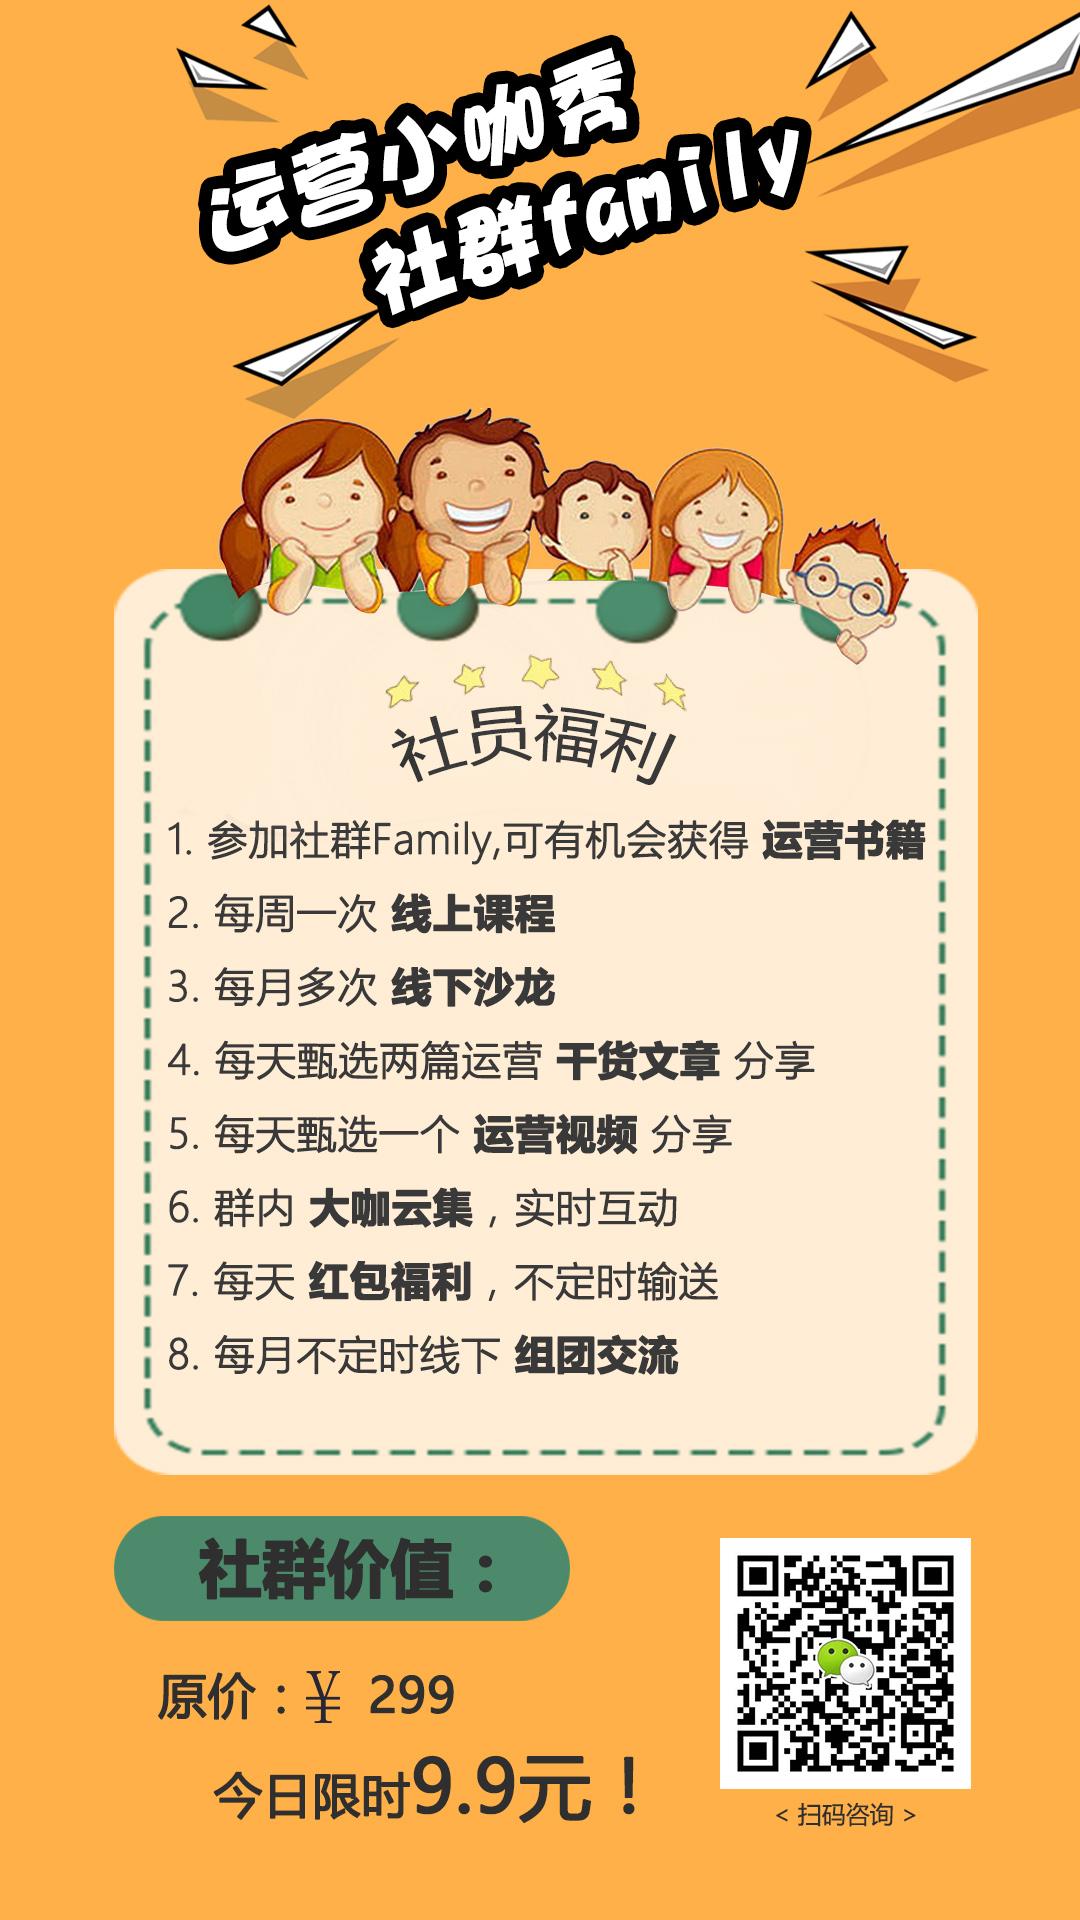 【运营课程】最纯粹的干货课程来袭,快加入运营社群Family,限时9.9>>